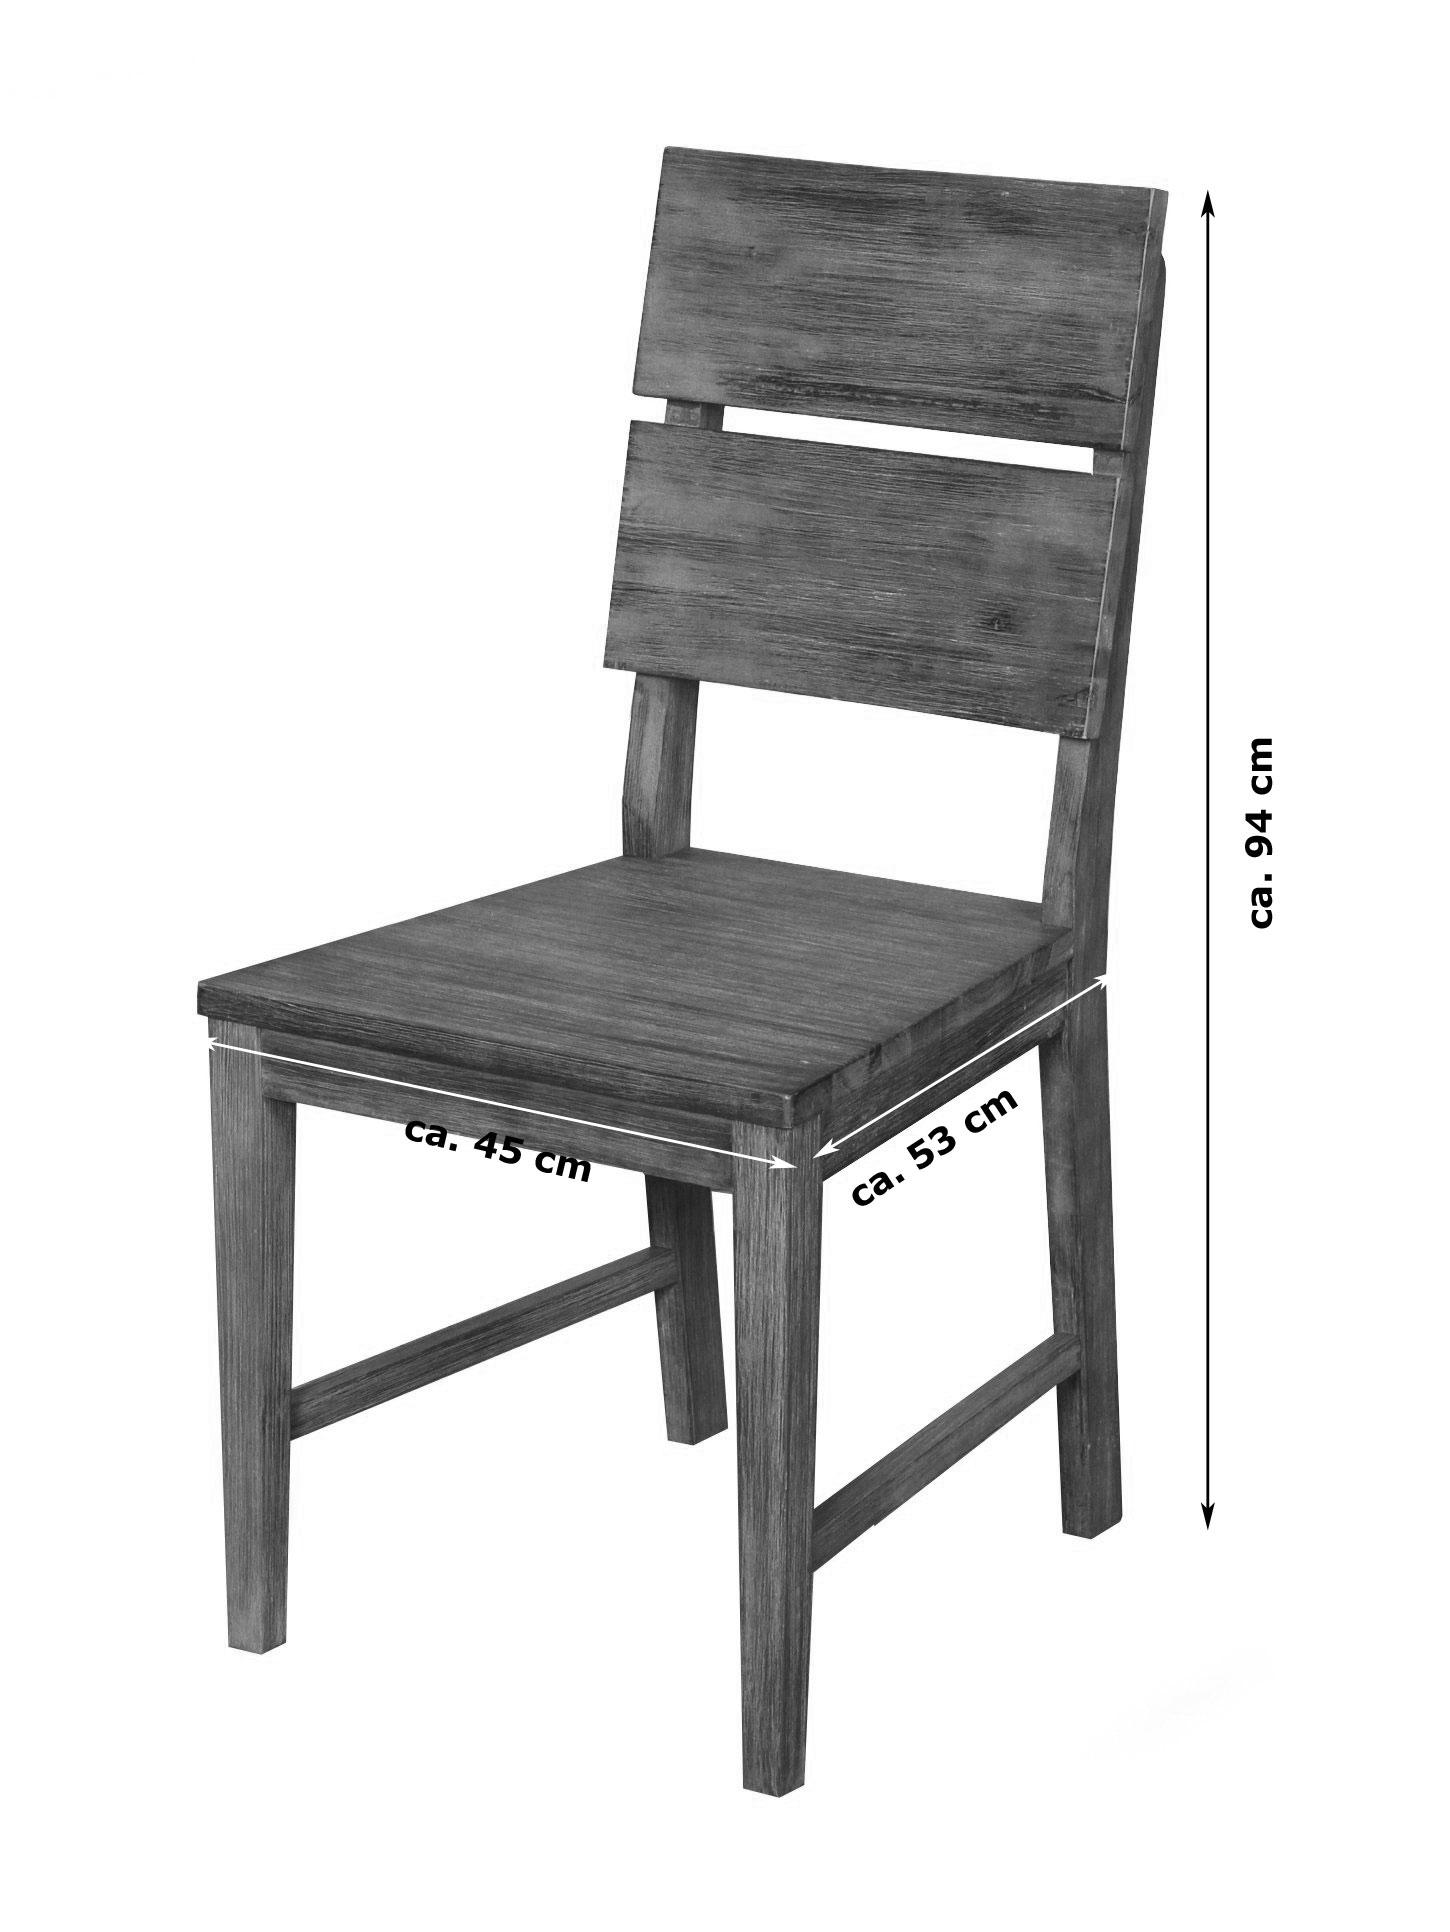 holz stuhl simple bei dem holzstuhl luca handelt es sich um eine kreation des deutschen. Black Bedroom Furniture Sets. Home Design Ideas